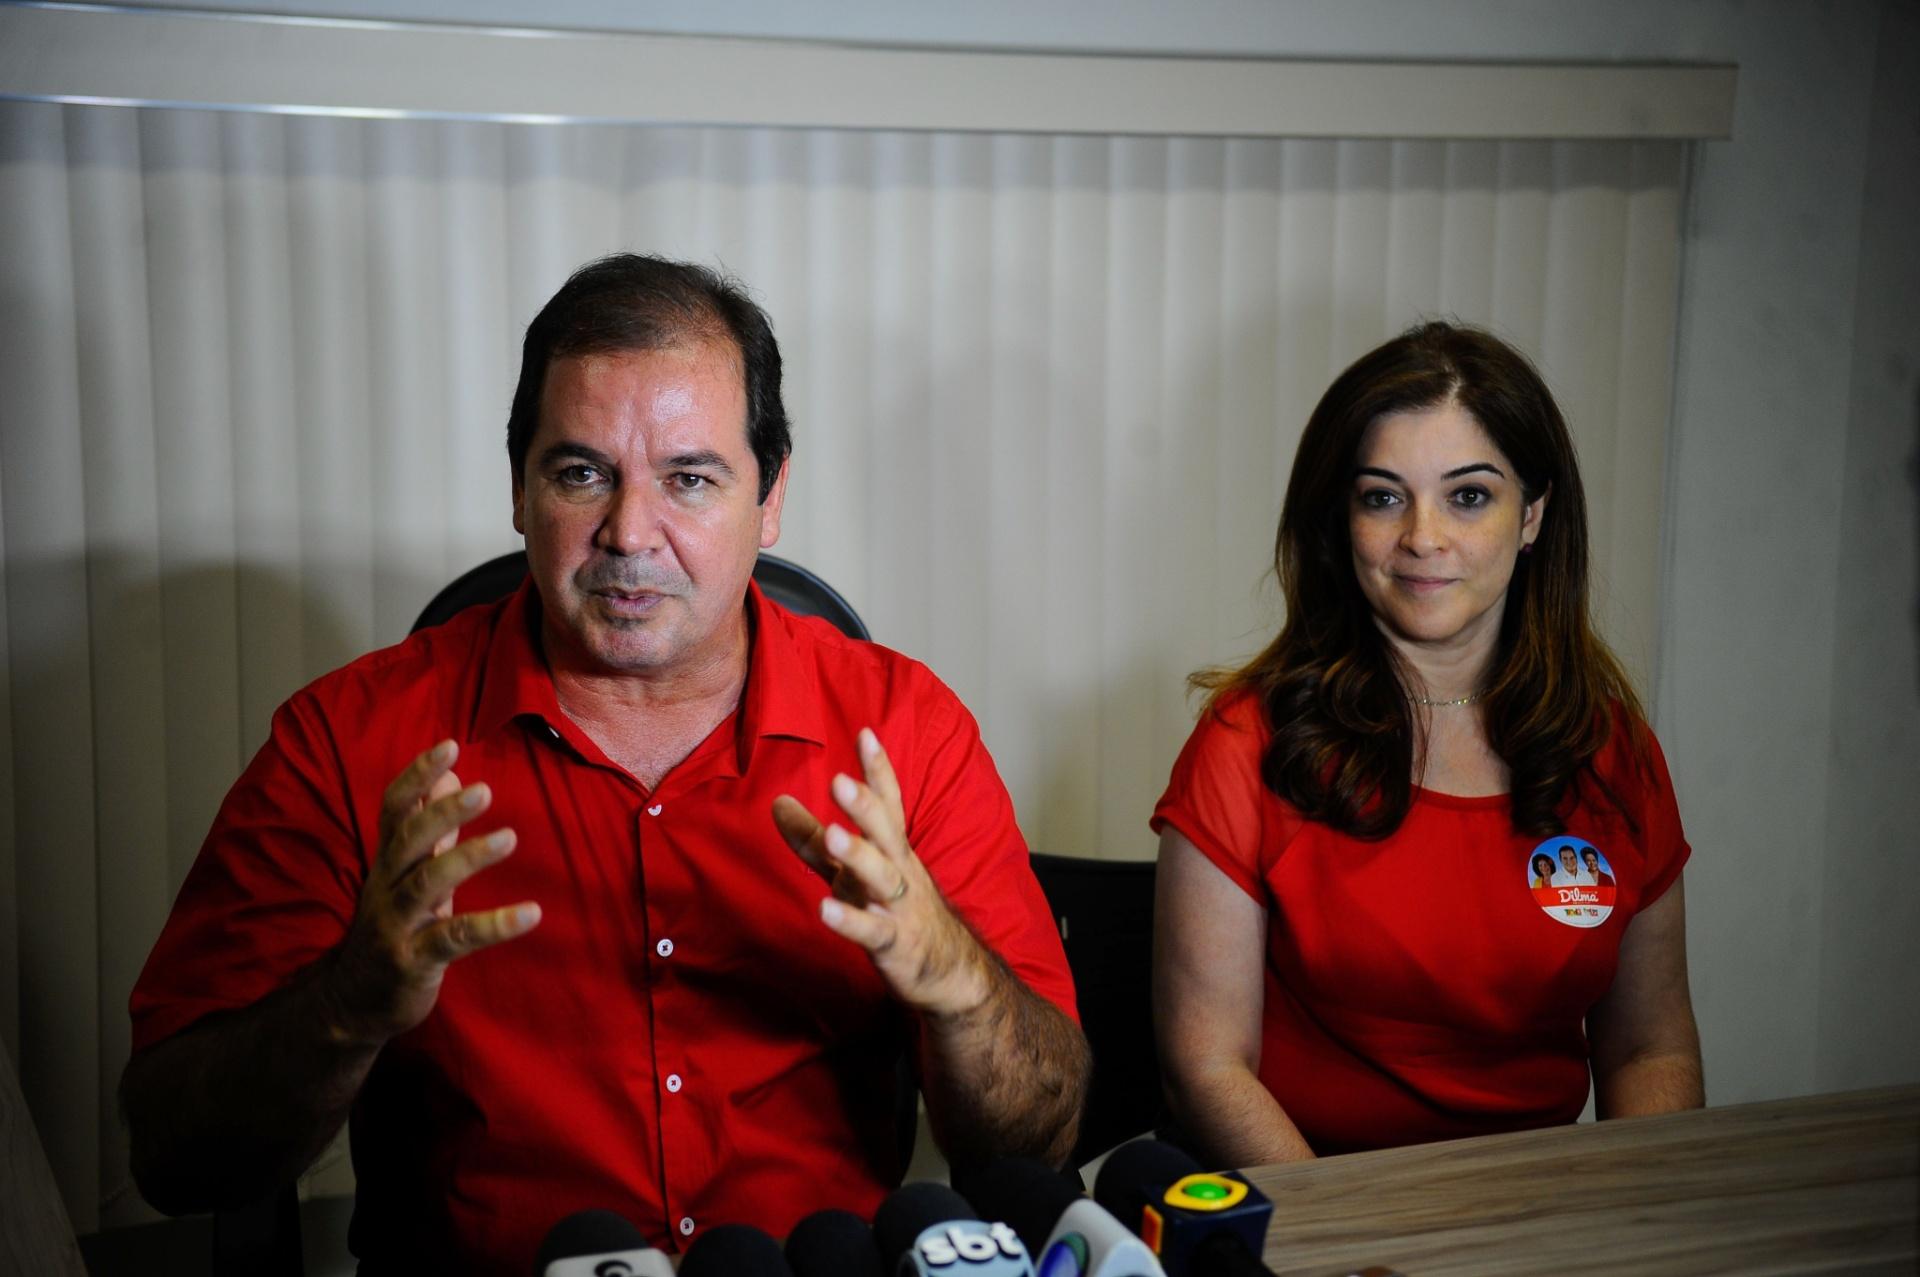 6.out.2014 - O governador do Acre, Tião Viana (PT), candidato à reeleição, fala à imprensa sobre primeiro turno e a expectativa para o segundo turno. Ele recebeu 49,73% dos votos válidos